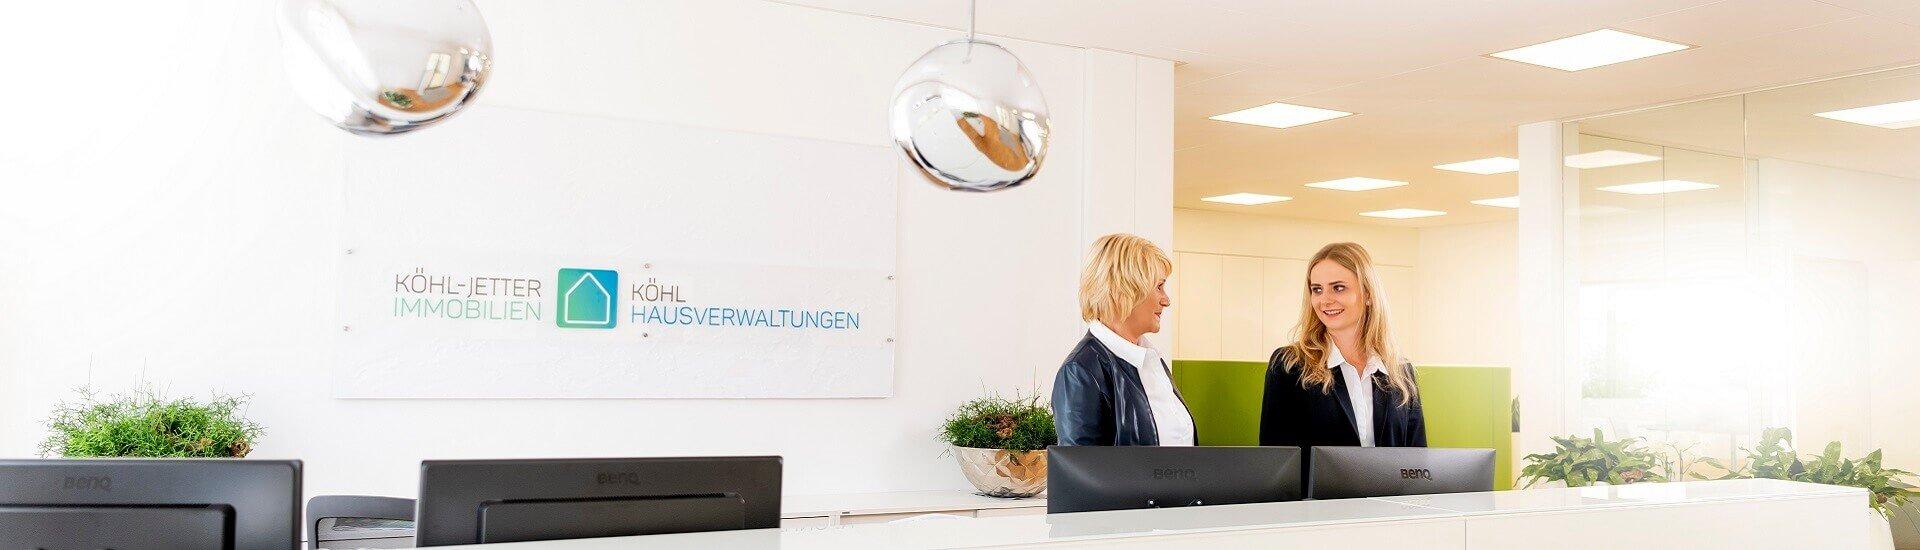 Hausverwaltungen für Balingen und Umgebung